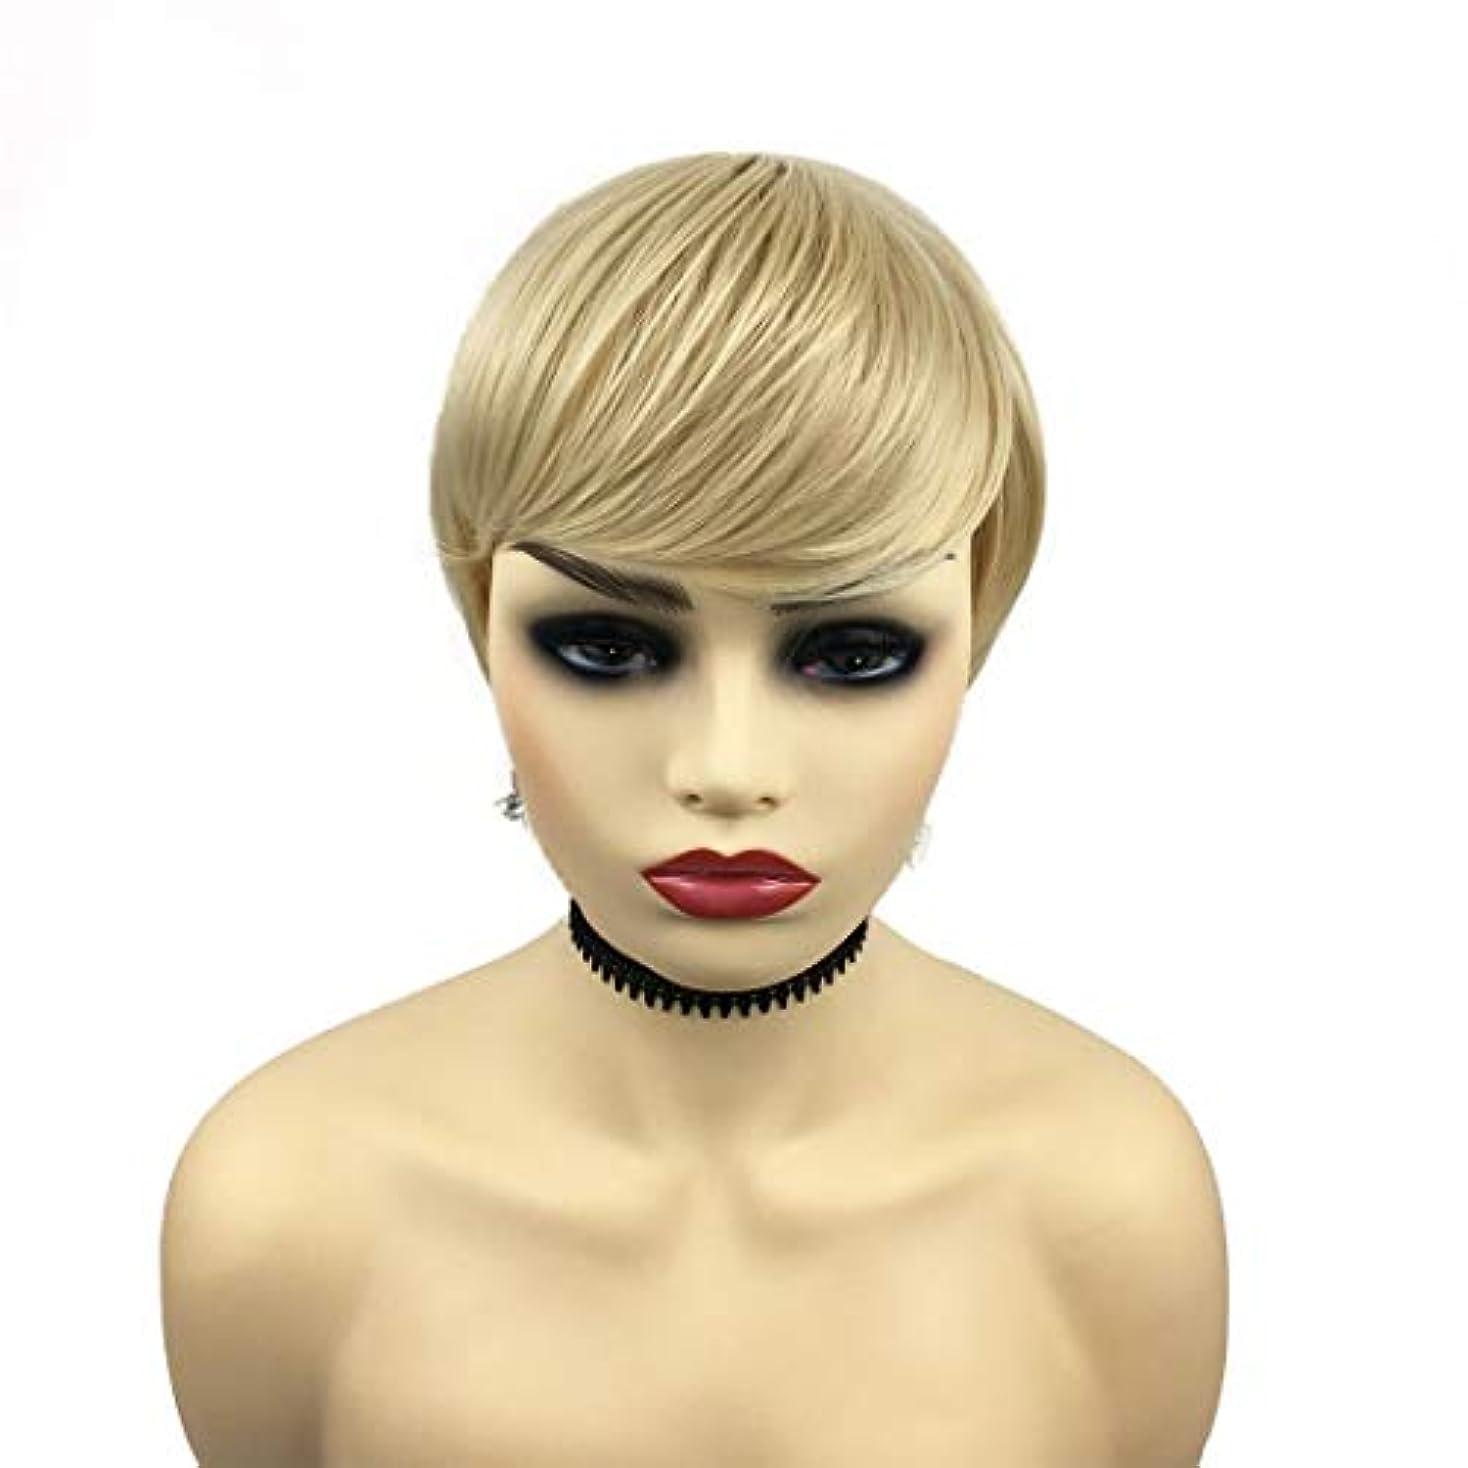 傭兵量で学校YOUQIU 女性の耐熱ウィッグナチュラルヘアウィッグのための金髪ショート傾斜部髪ストレート天然、合成ストレートウィッグ (色 : Blonde)